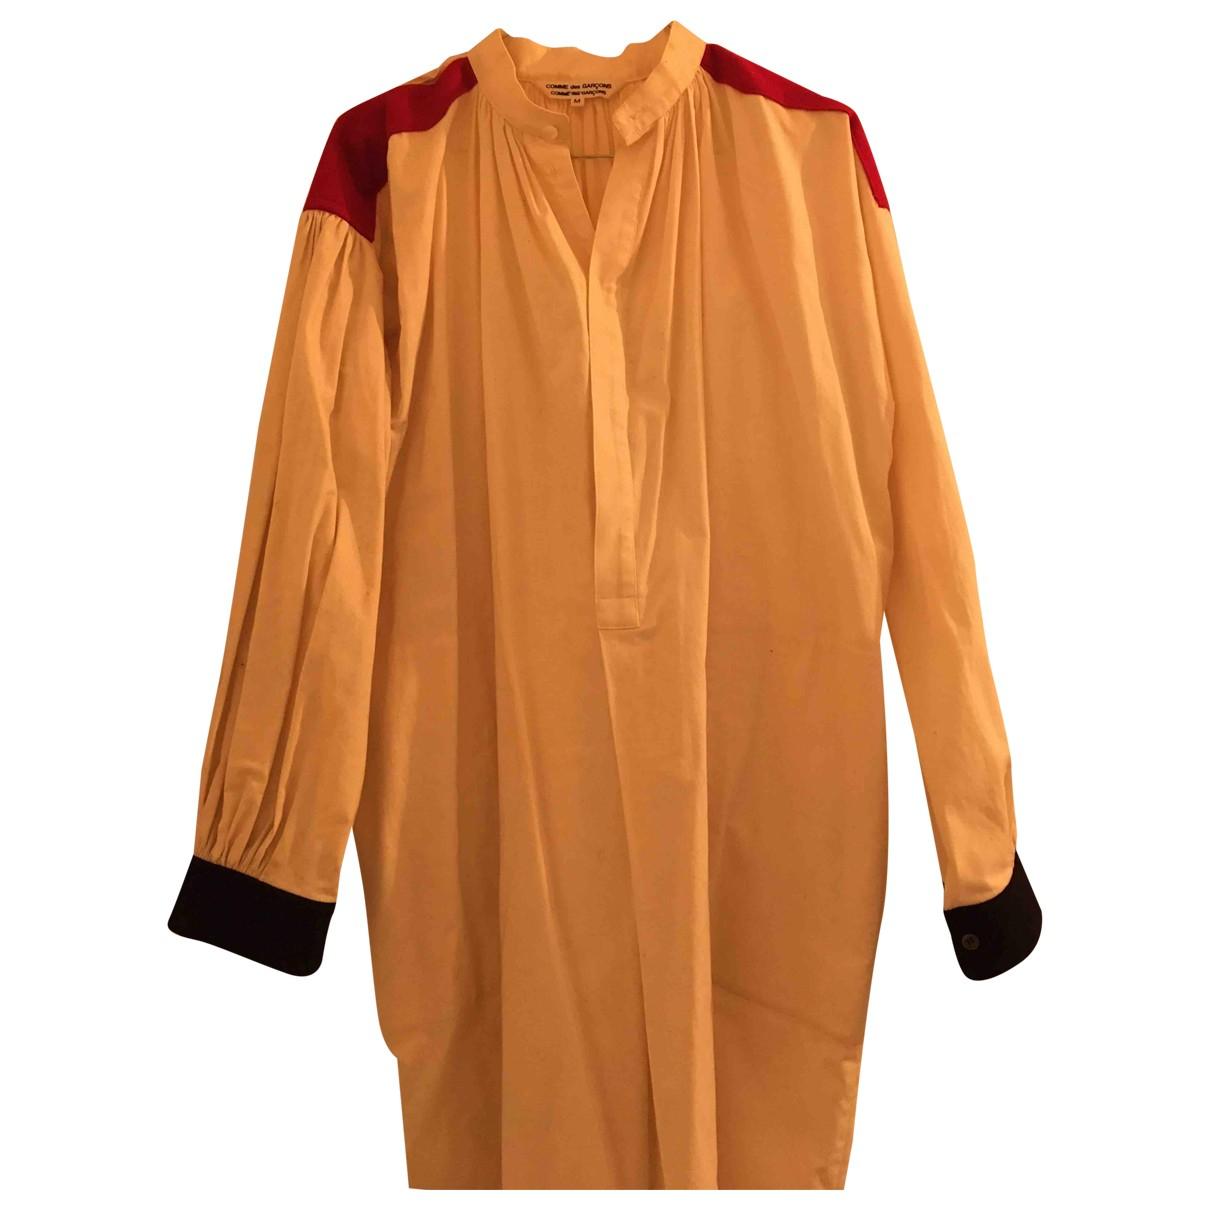 Comme Des Garcons \N Kleid in  Beige Baumwolle